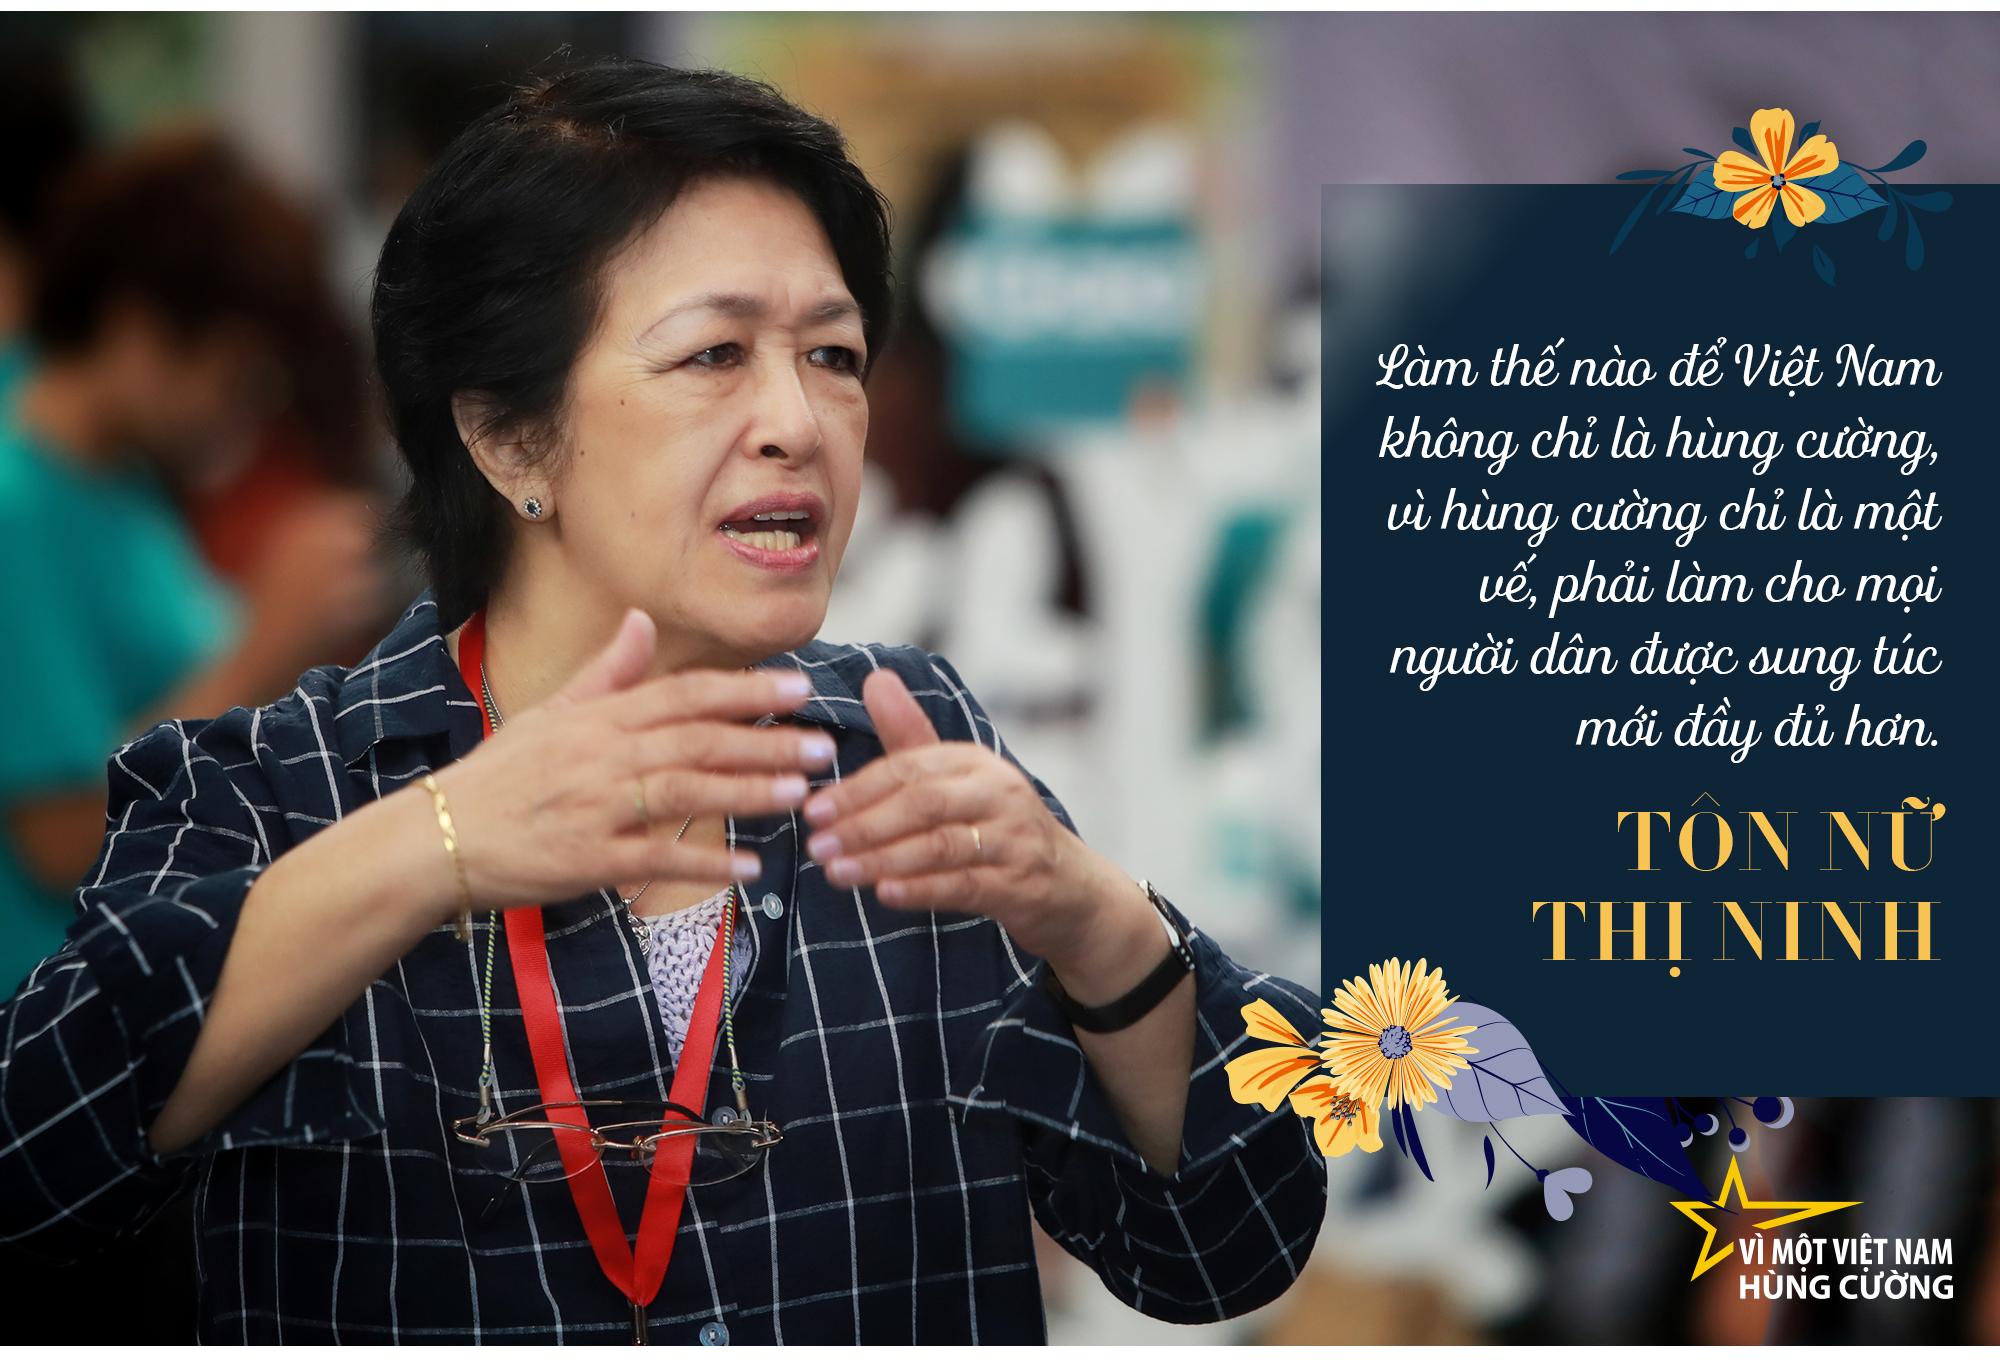 Bà Tôn Nữ Thị Ninh: Muốn Việt Nam hùng cường, không quan trọng bạn là thợ đóng giày hay nhà khoa học…, mà quan trọng phải giỏi, phải lành nghề! - Ảnh 10.